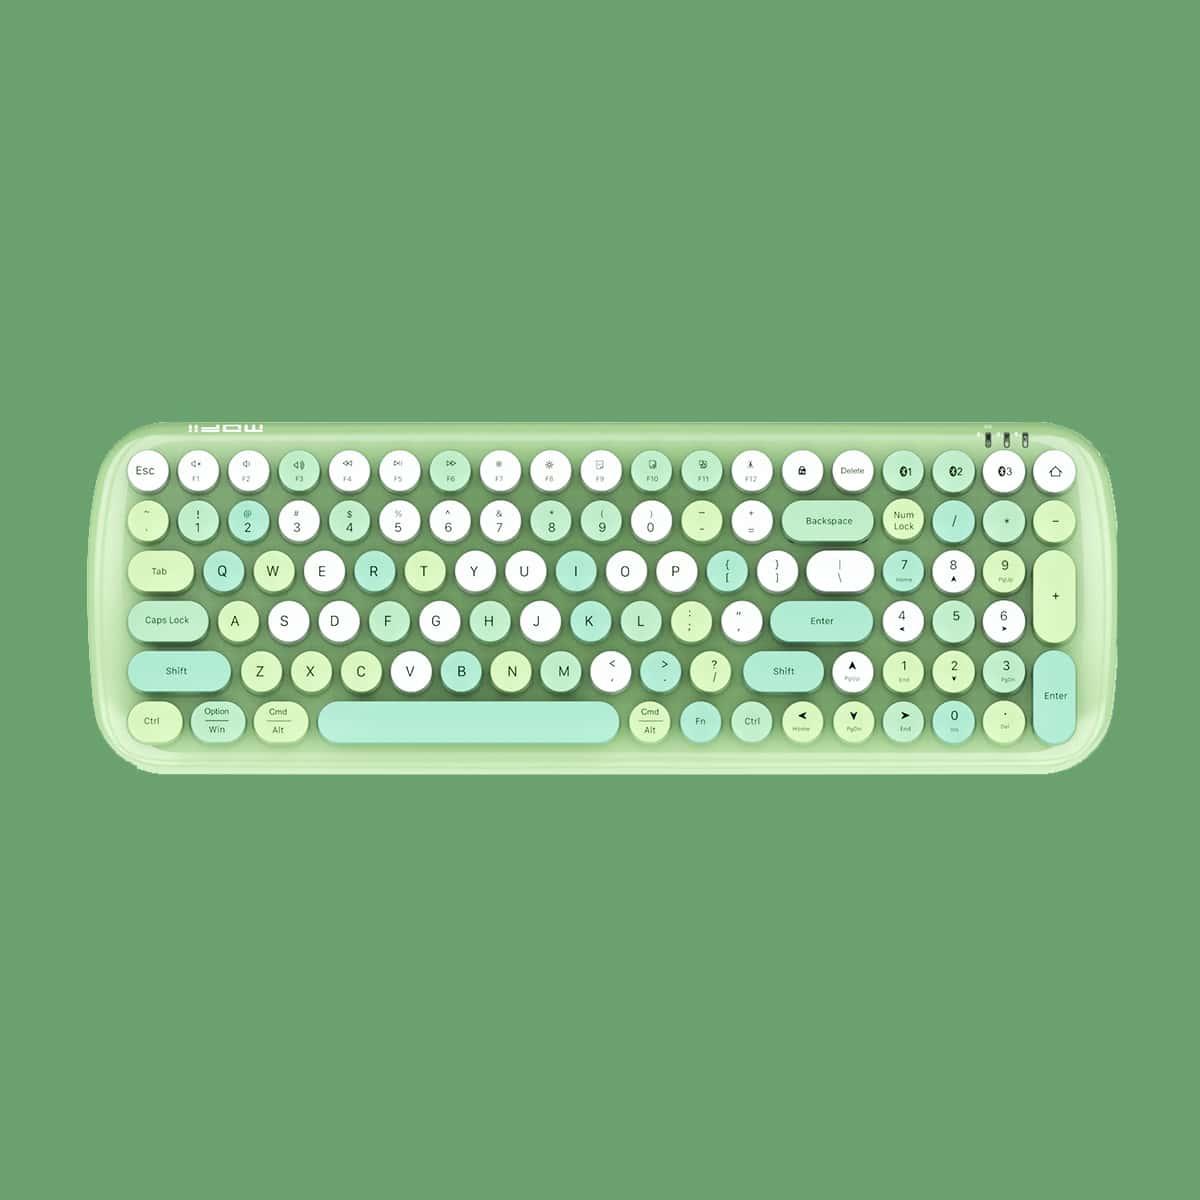 Drahtlose Tastatur mit rundem Schlüssel